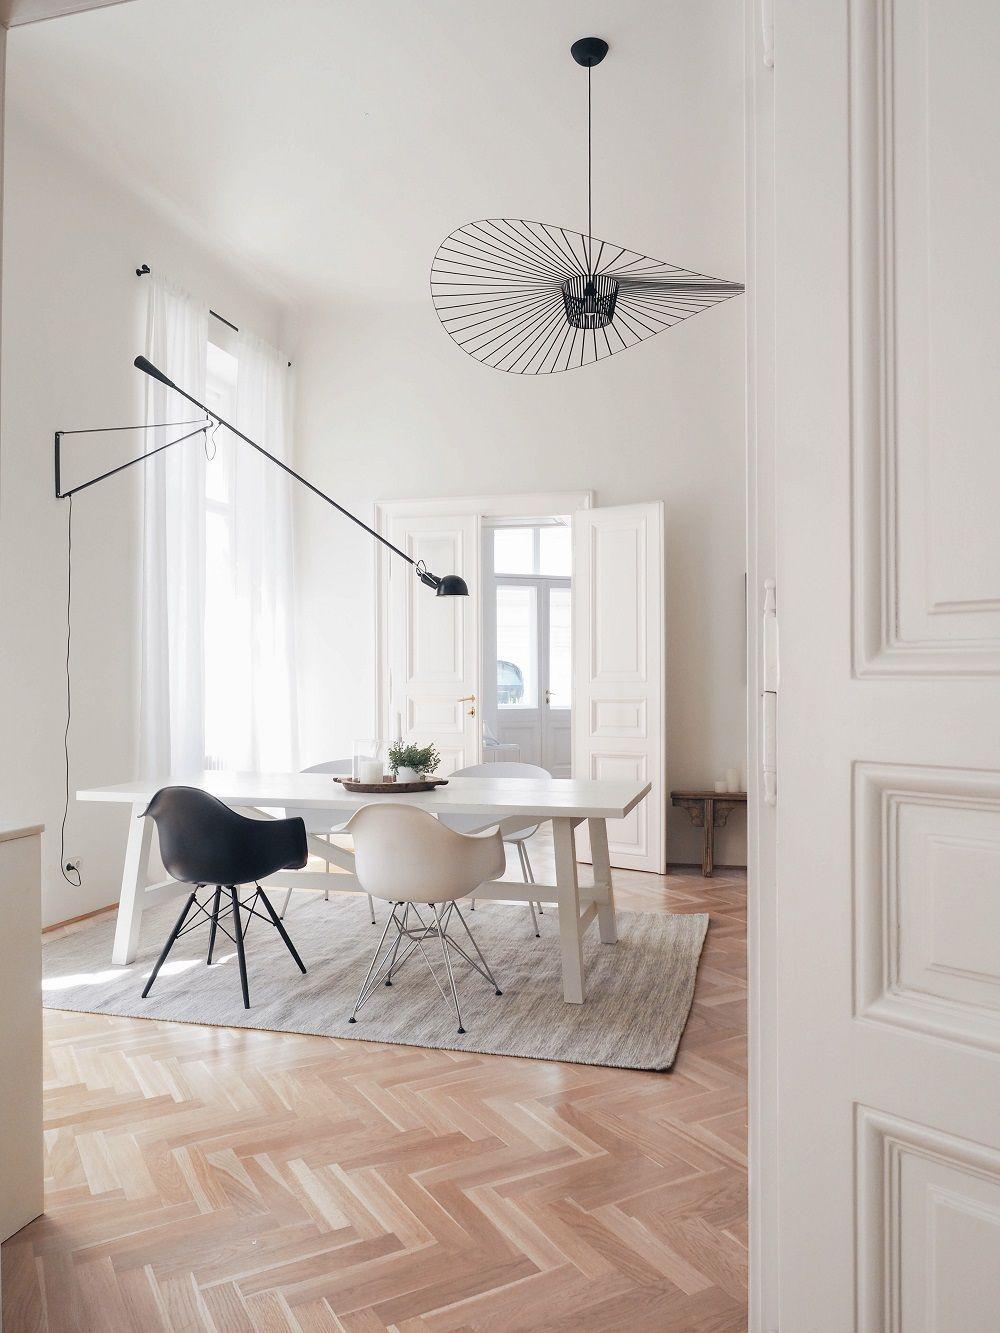 Pin von Jennifer Tupy auf Esszimmer | Altbau modern, Haus